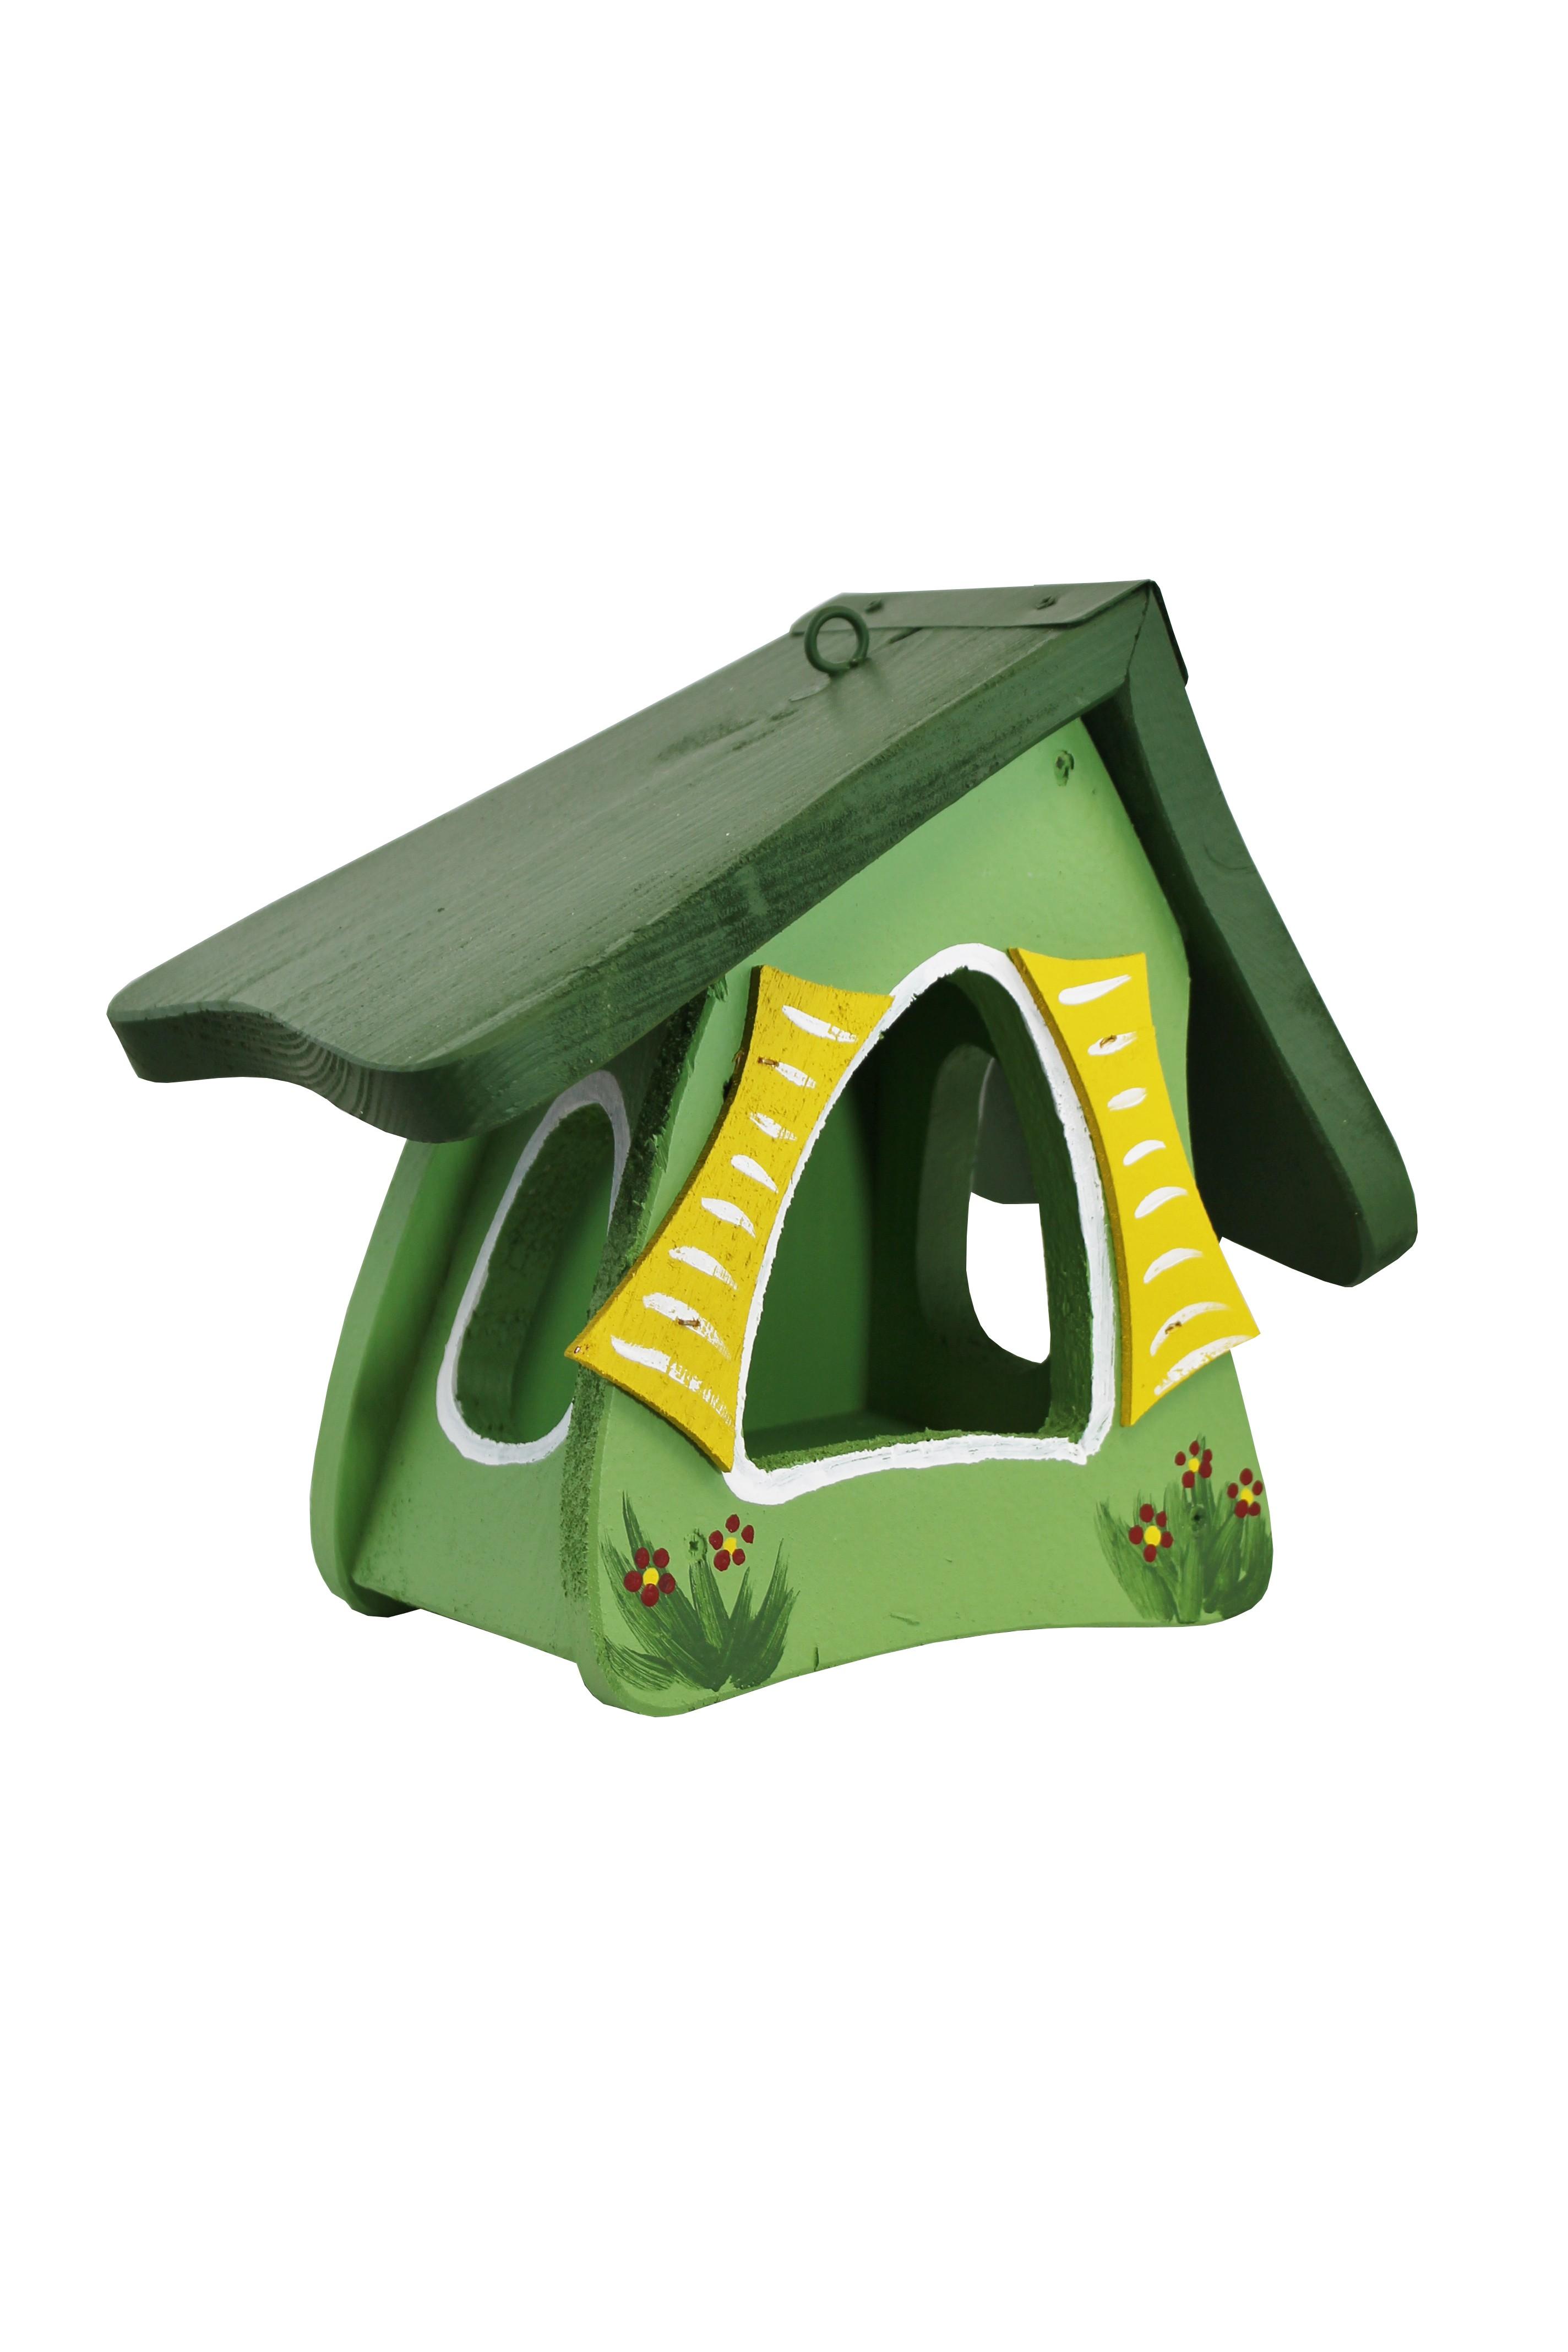 Hobbit groß grün Futtermini von Die Vogelvilla